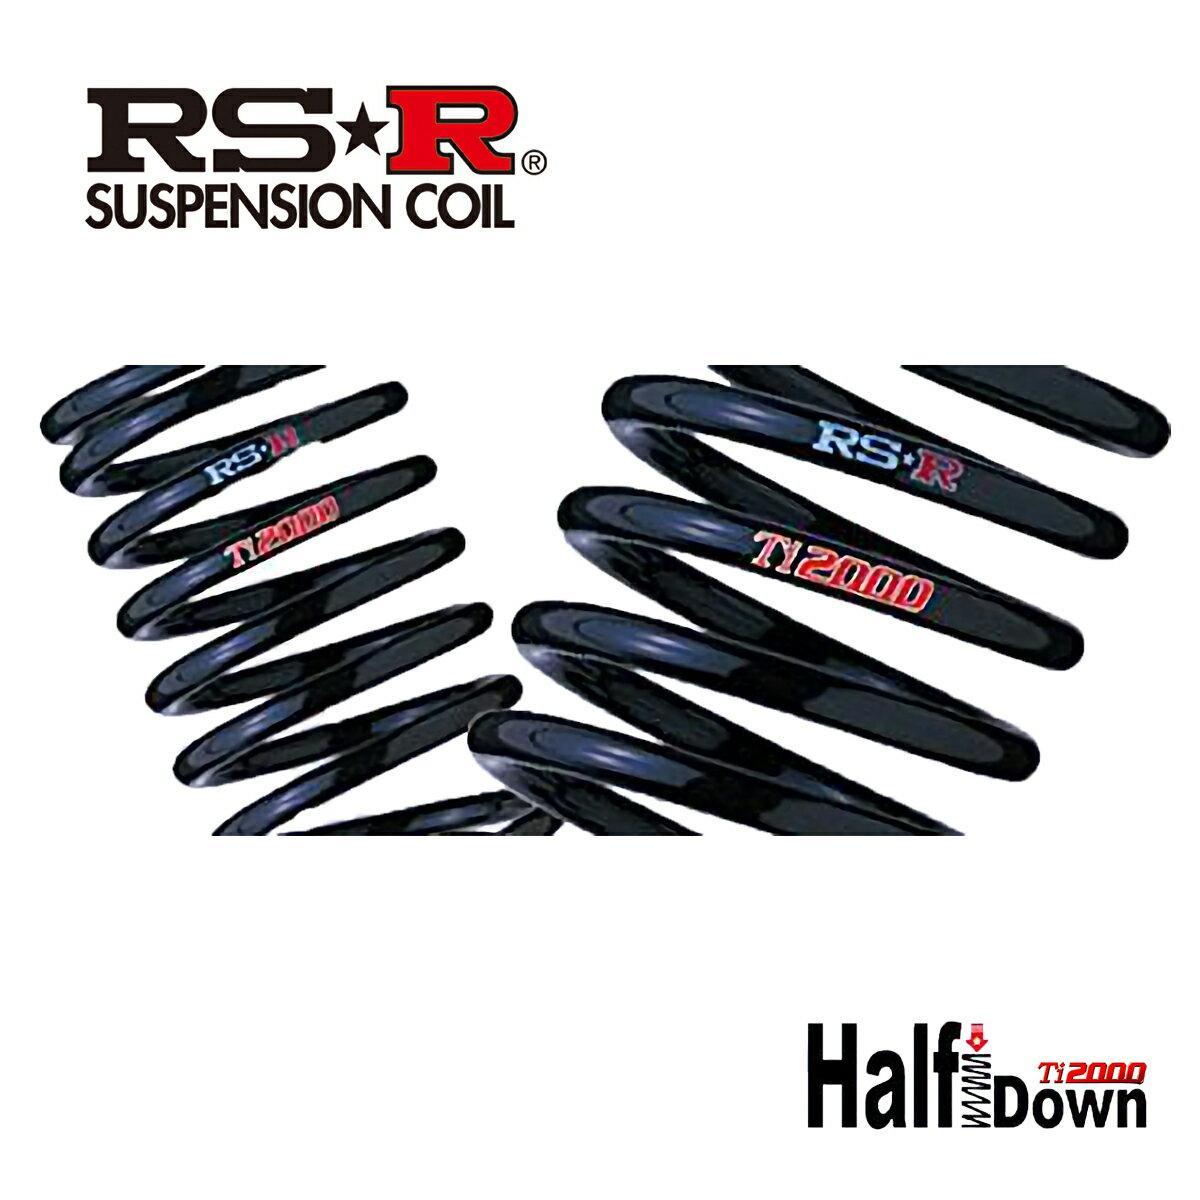 RS-R アルトワークス ベースグレード HA36S ダウンサス スプリング リアのみ S023THDR Ti2000 ハーフダウン RSR 個人宅発送追金有